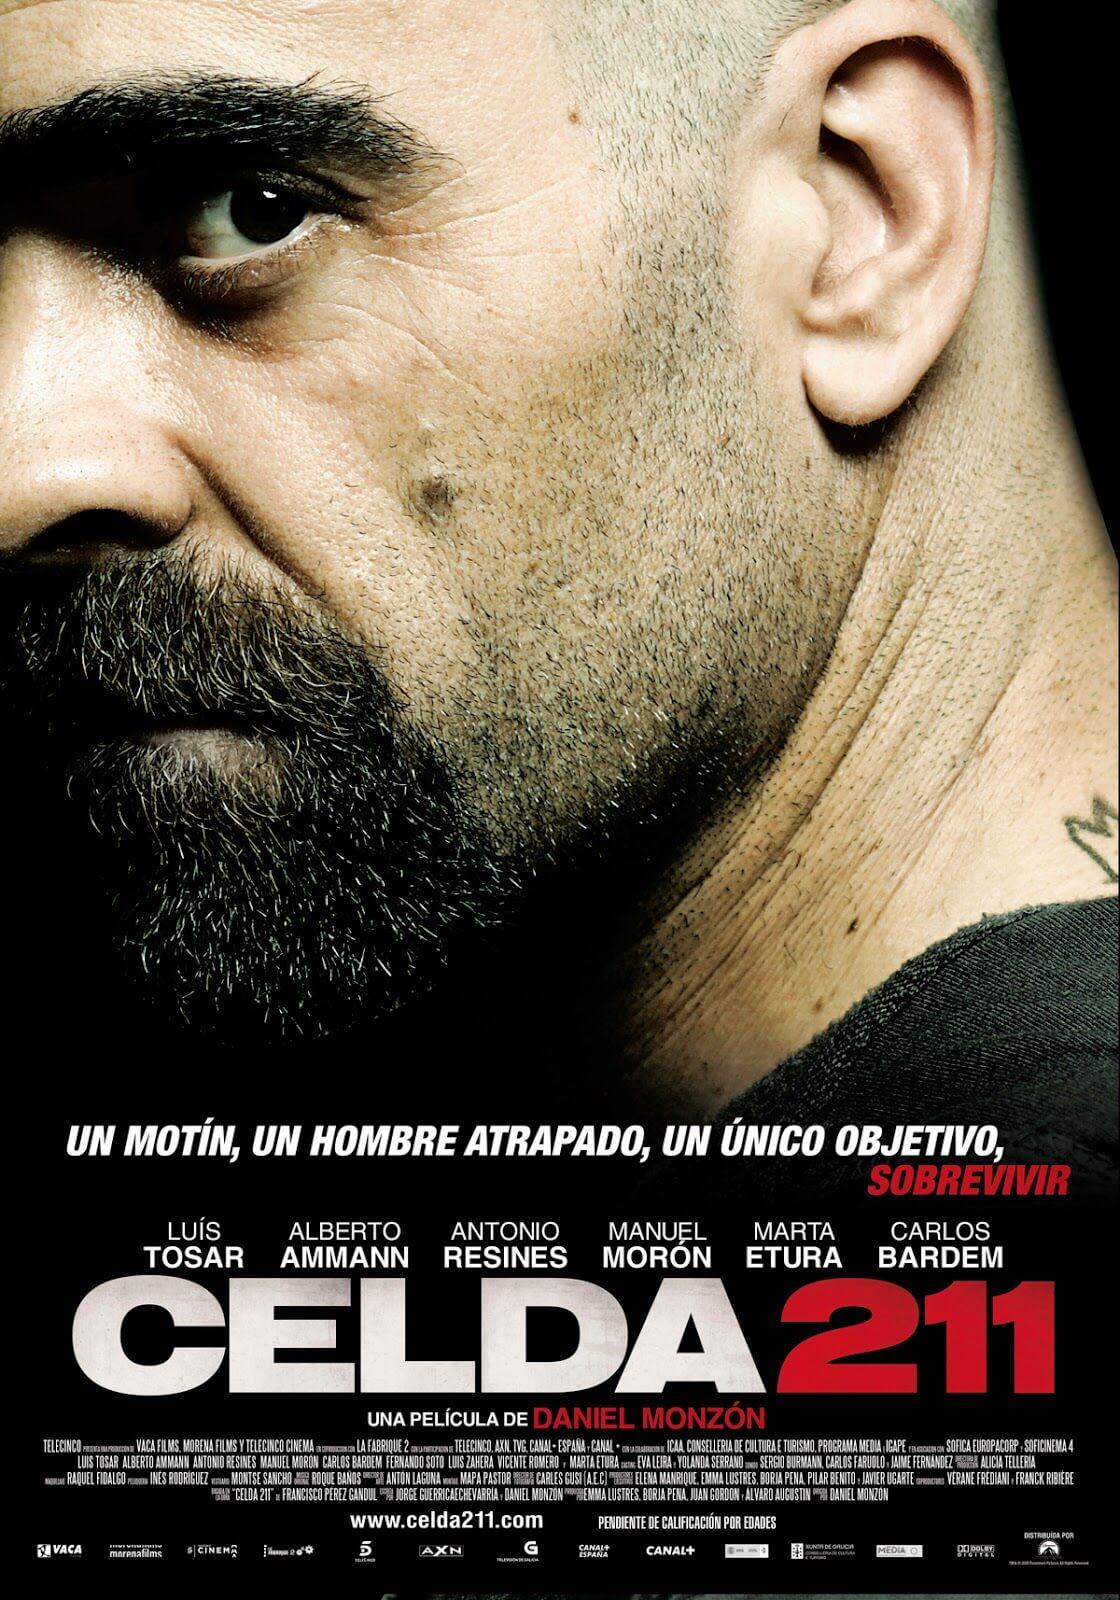 Celda 211 (Daniel Monzón, 2009)